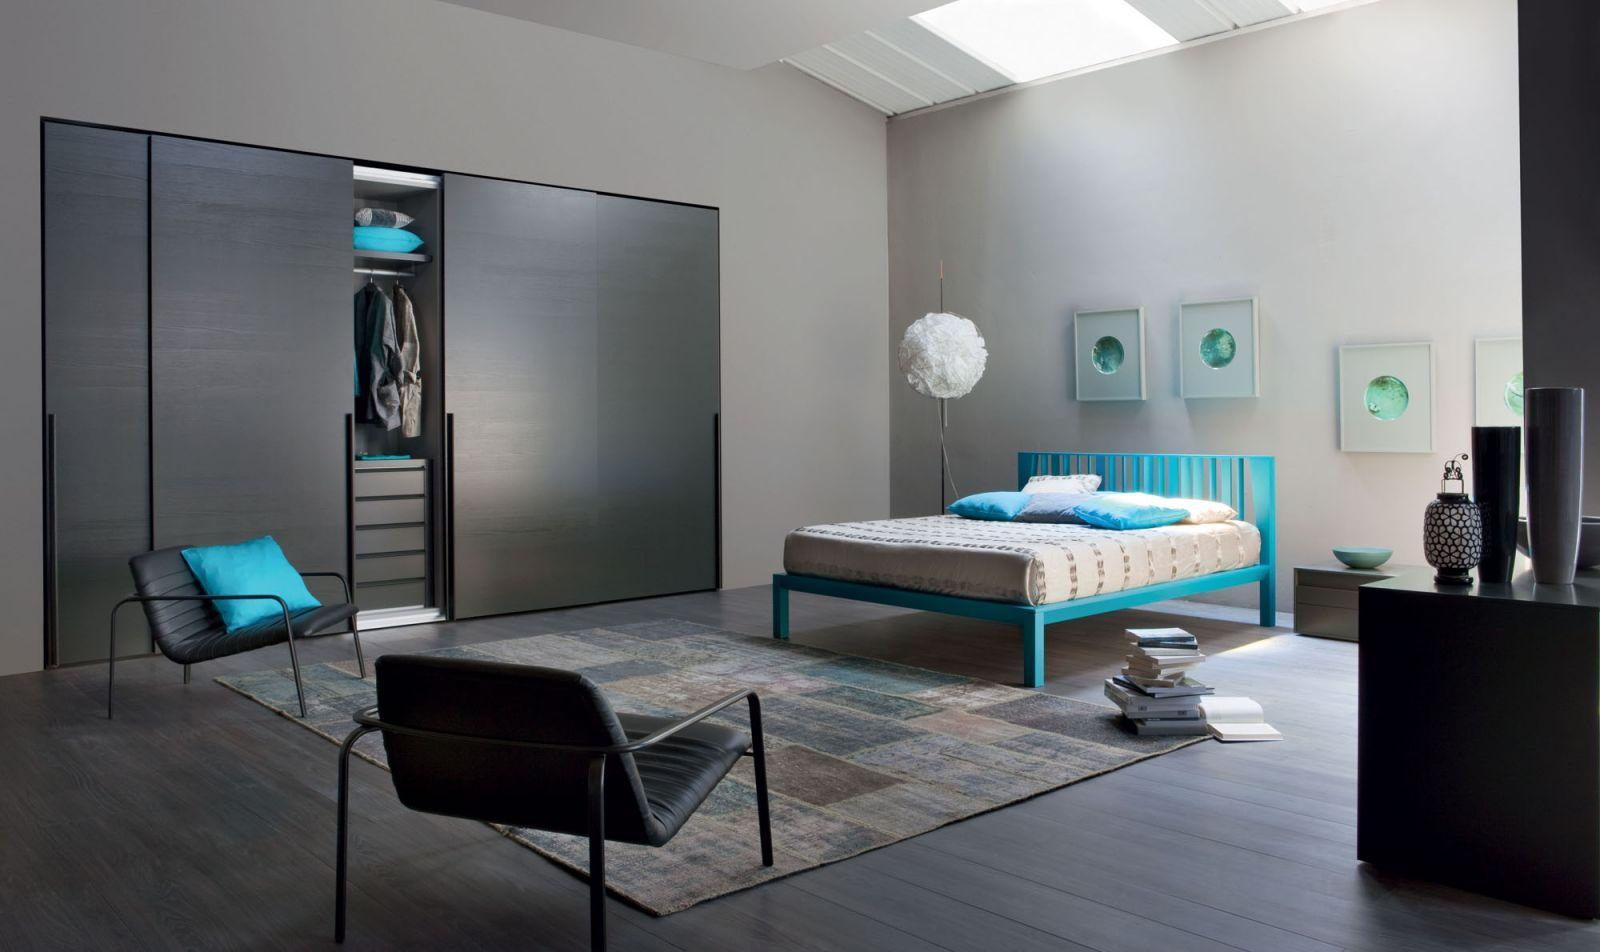 letto vinci novamobili archives non solo mobili cucina soggiorno e camera. Black Bedroom Furniture Sets. Home Design Ideas